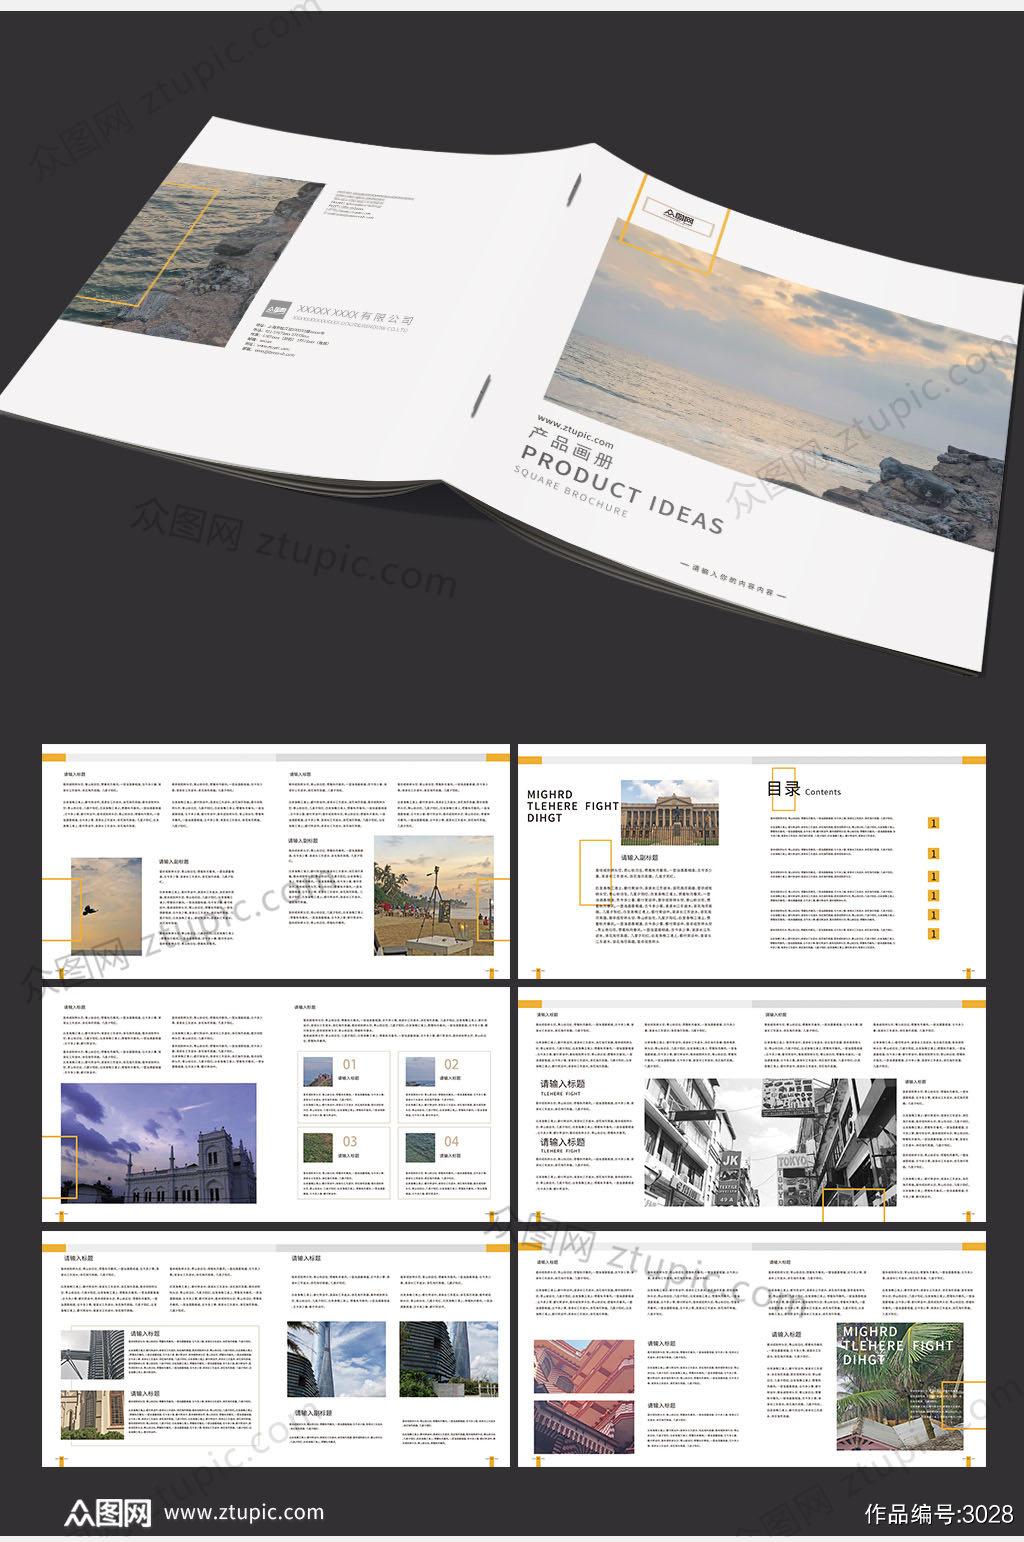 简约时尚的企业画册模板设计素材